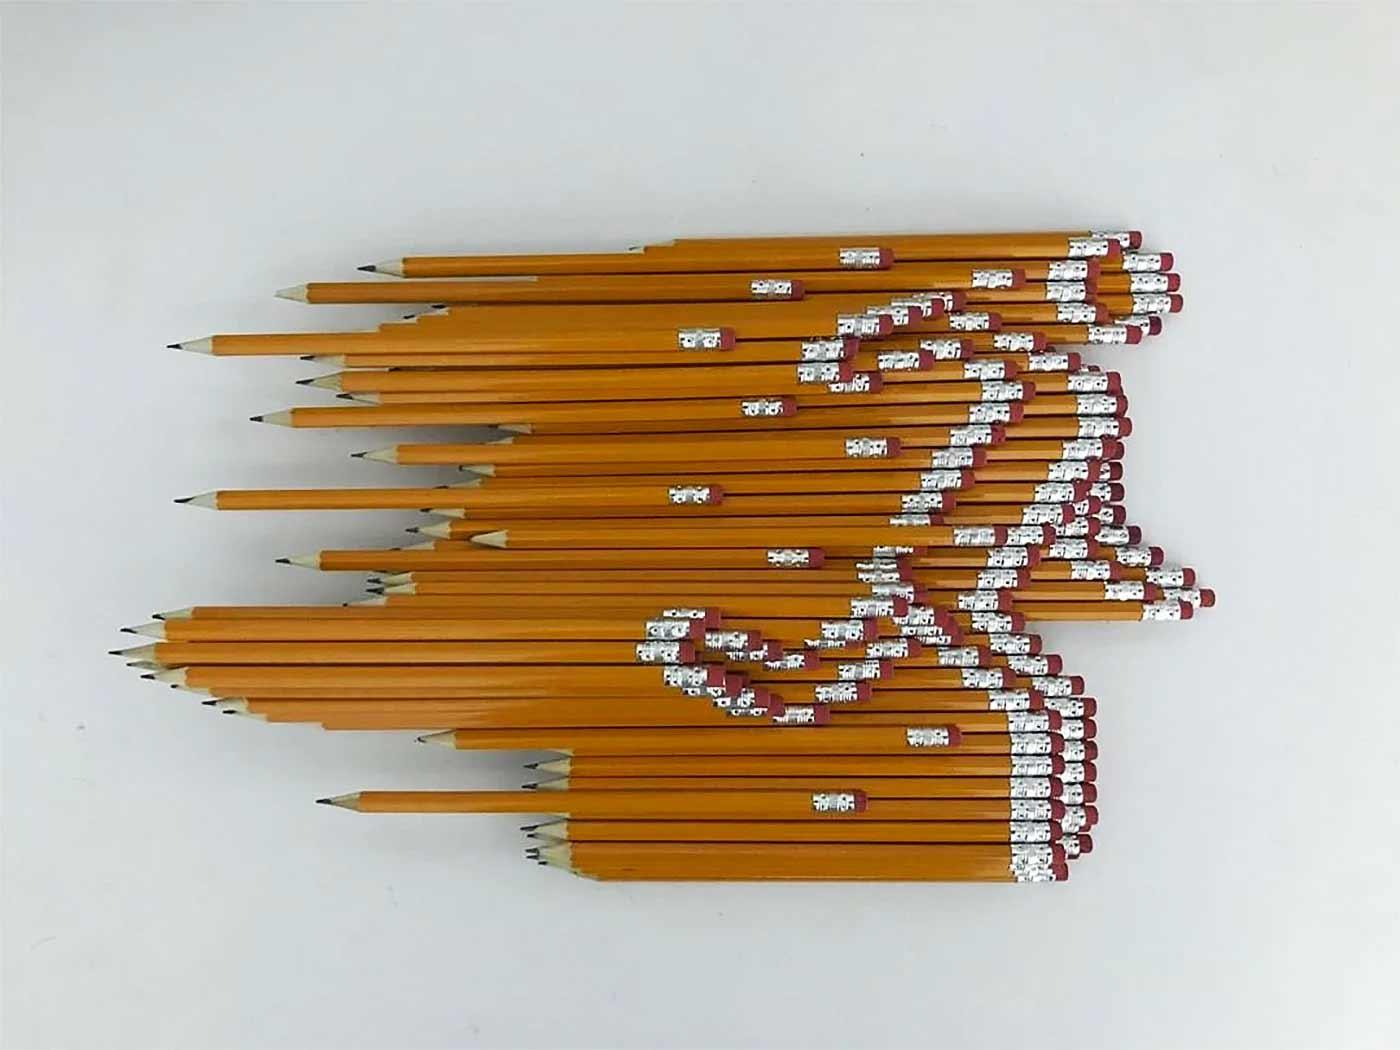 Bleistift-Mosaike von Bashir Sultani Bashir-Sultani-bleistiftkunst_05